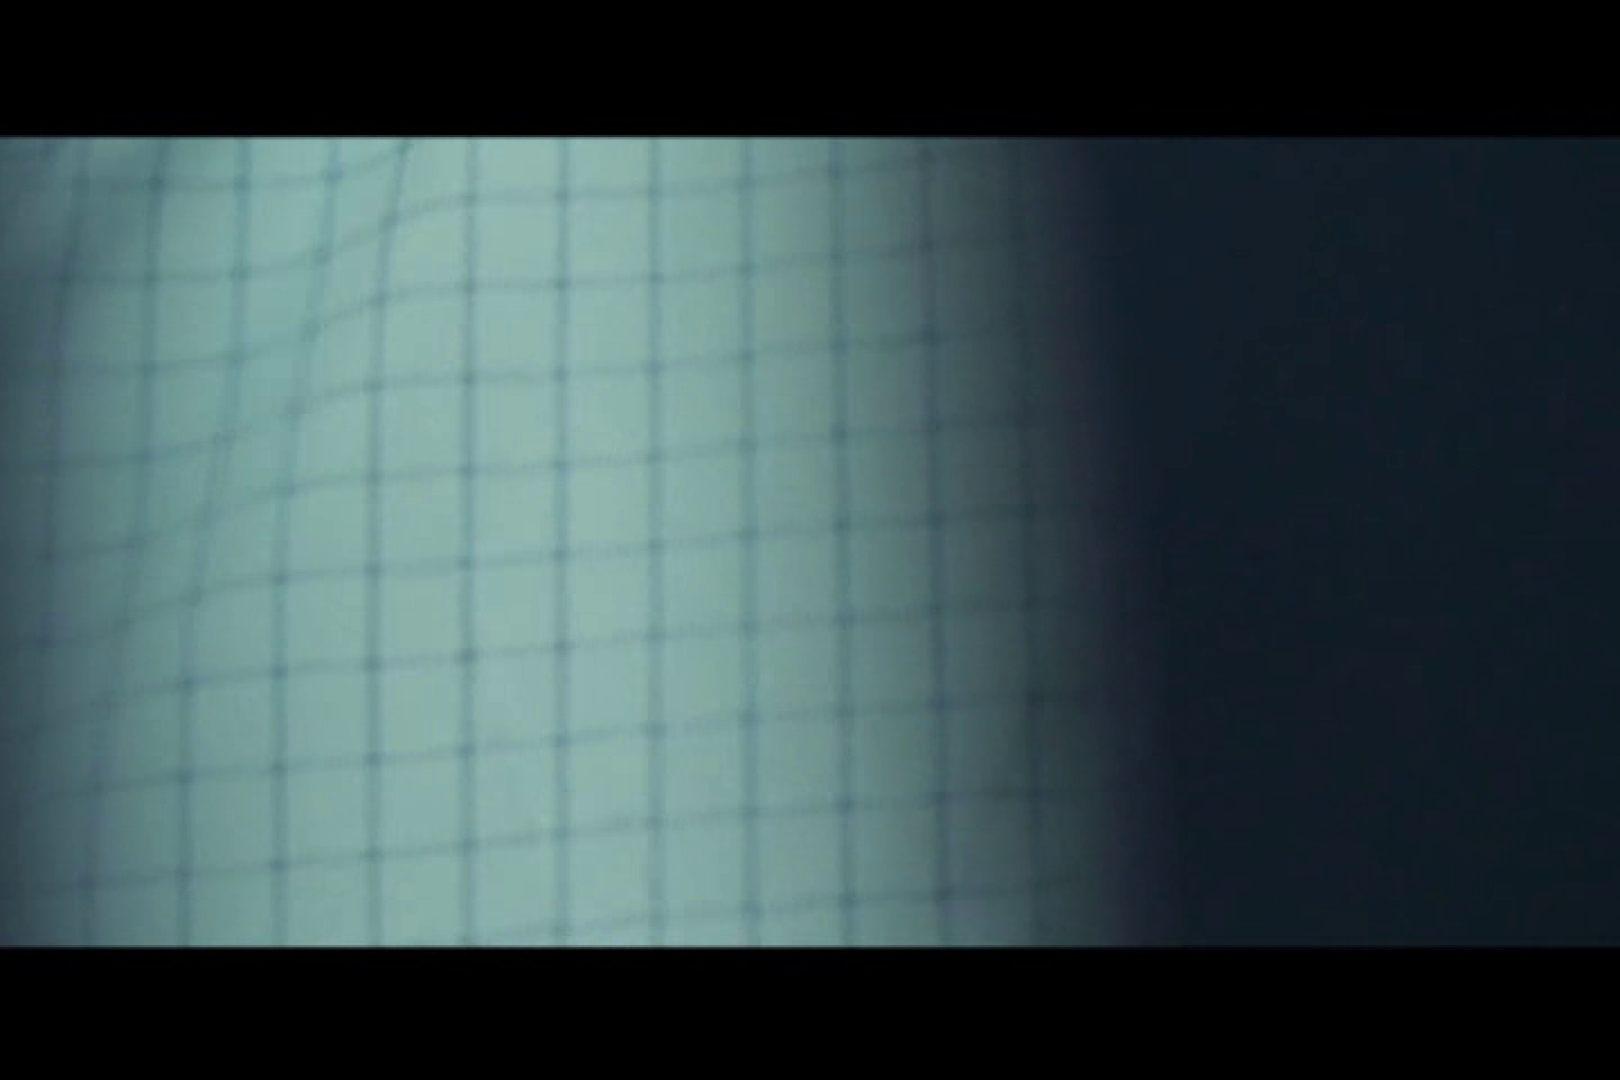 独占配信!無修正! 看護女子寮 vol.09 エロいOL 盗み撮り動画 103枚